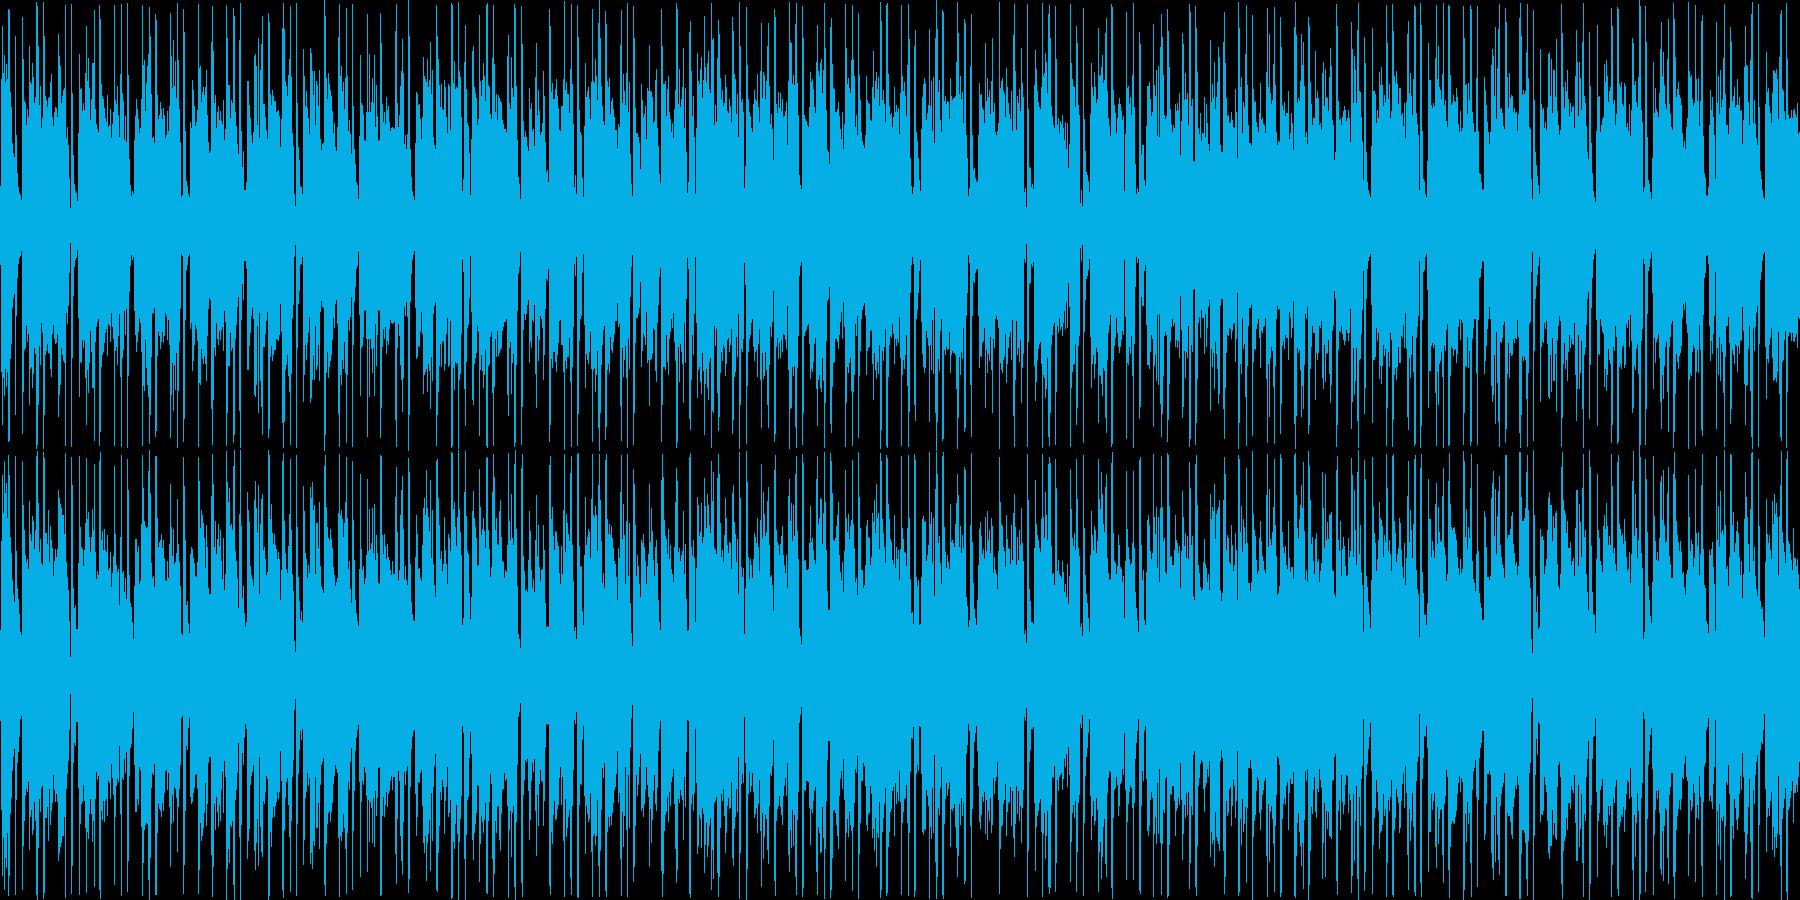 ほのぼの、コミカルなBGMです。の再生済みの波形